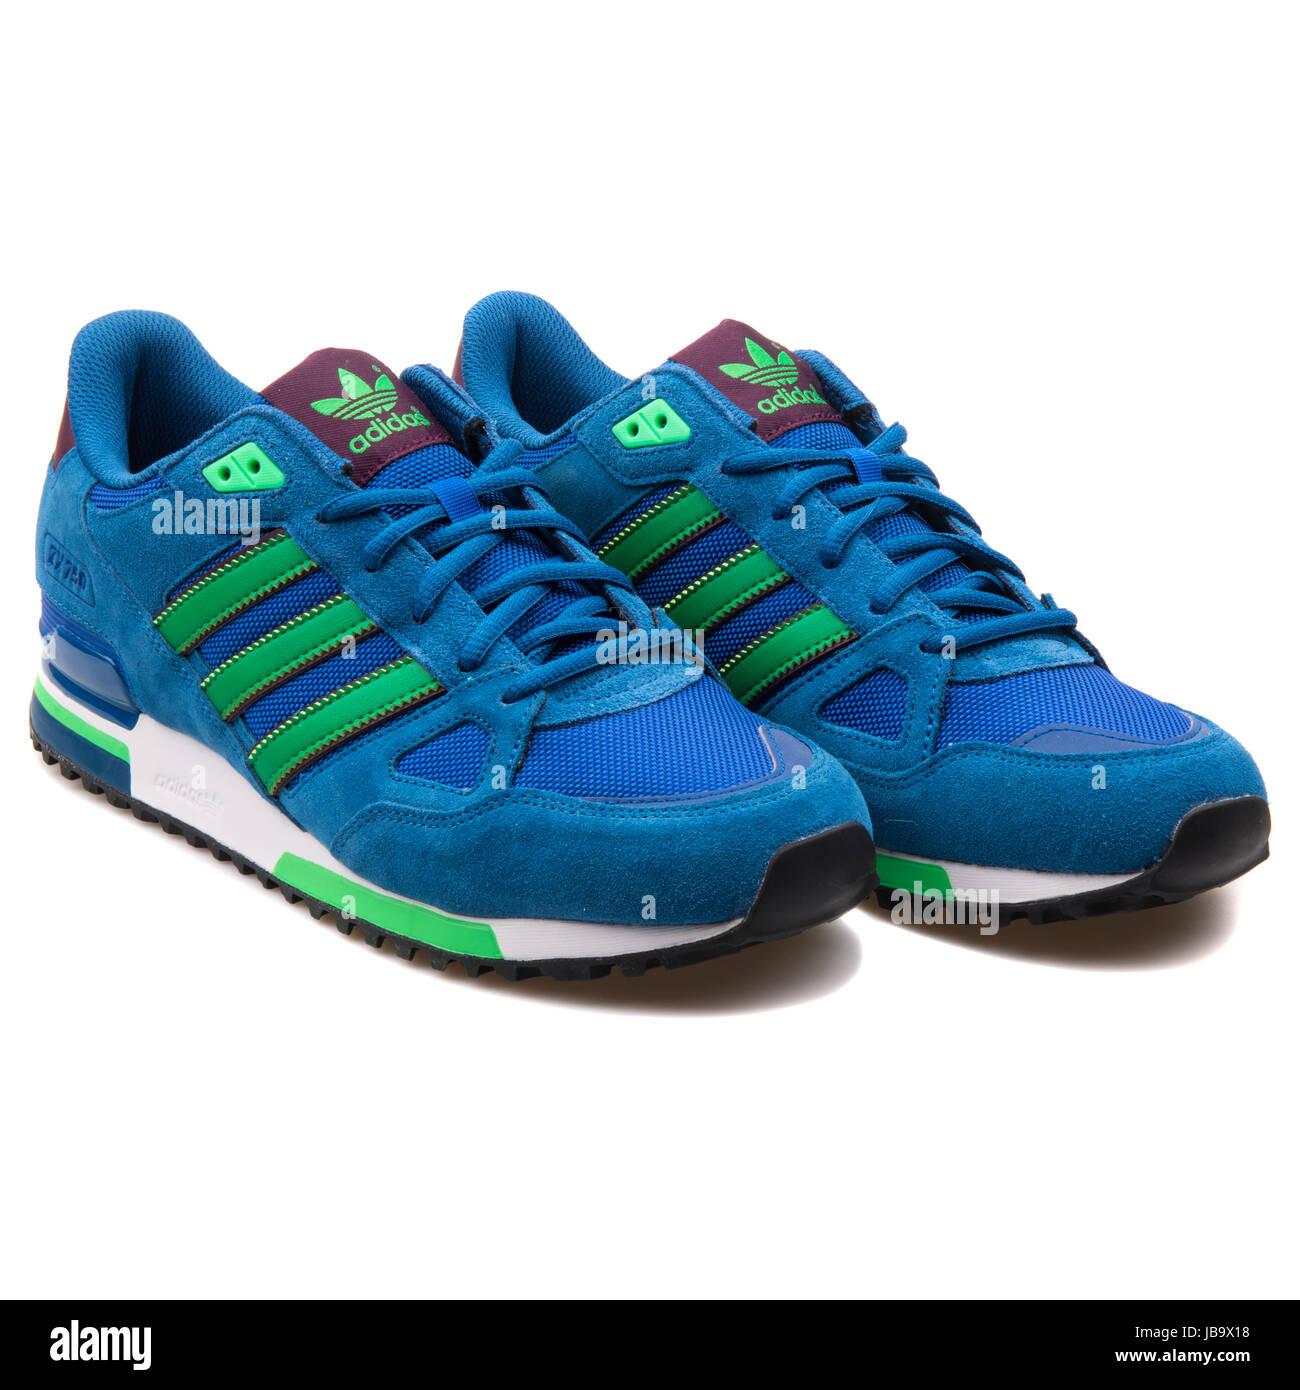 Adidas ZX 750 Bleu et Vert Men's Sports Sneakers - B24857 Photo ...